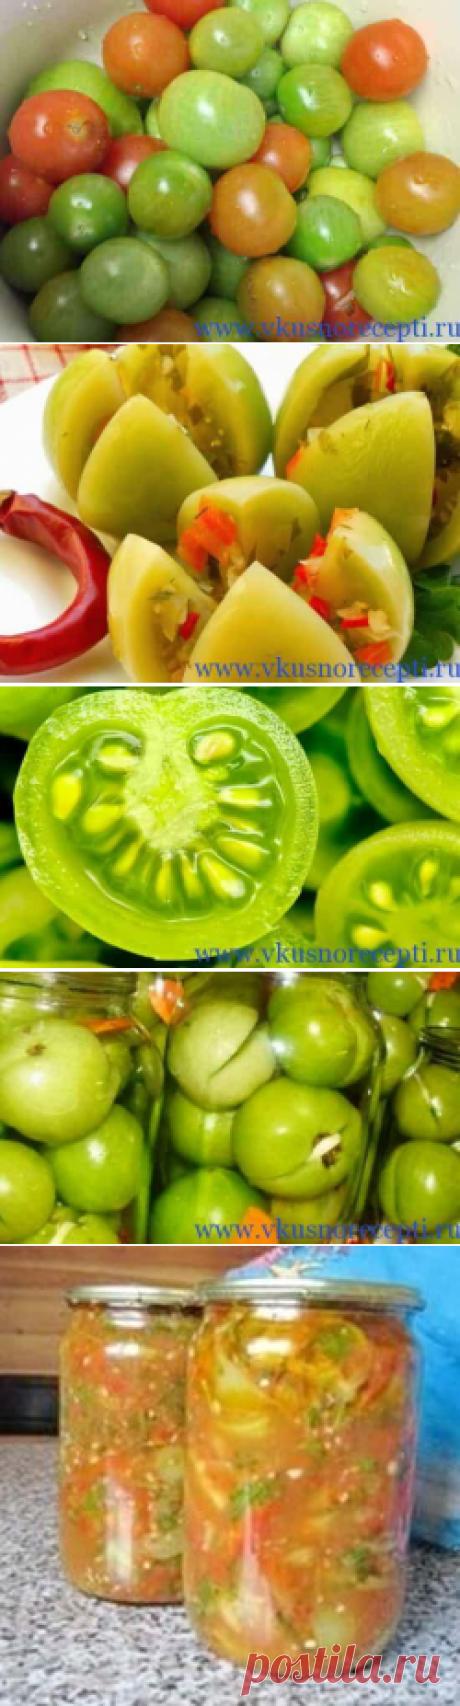 Зеленые помидоры на зиму, простые рецепты с фото